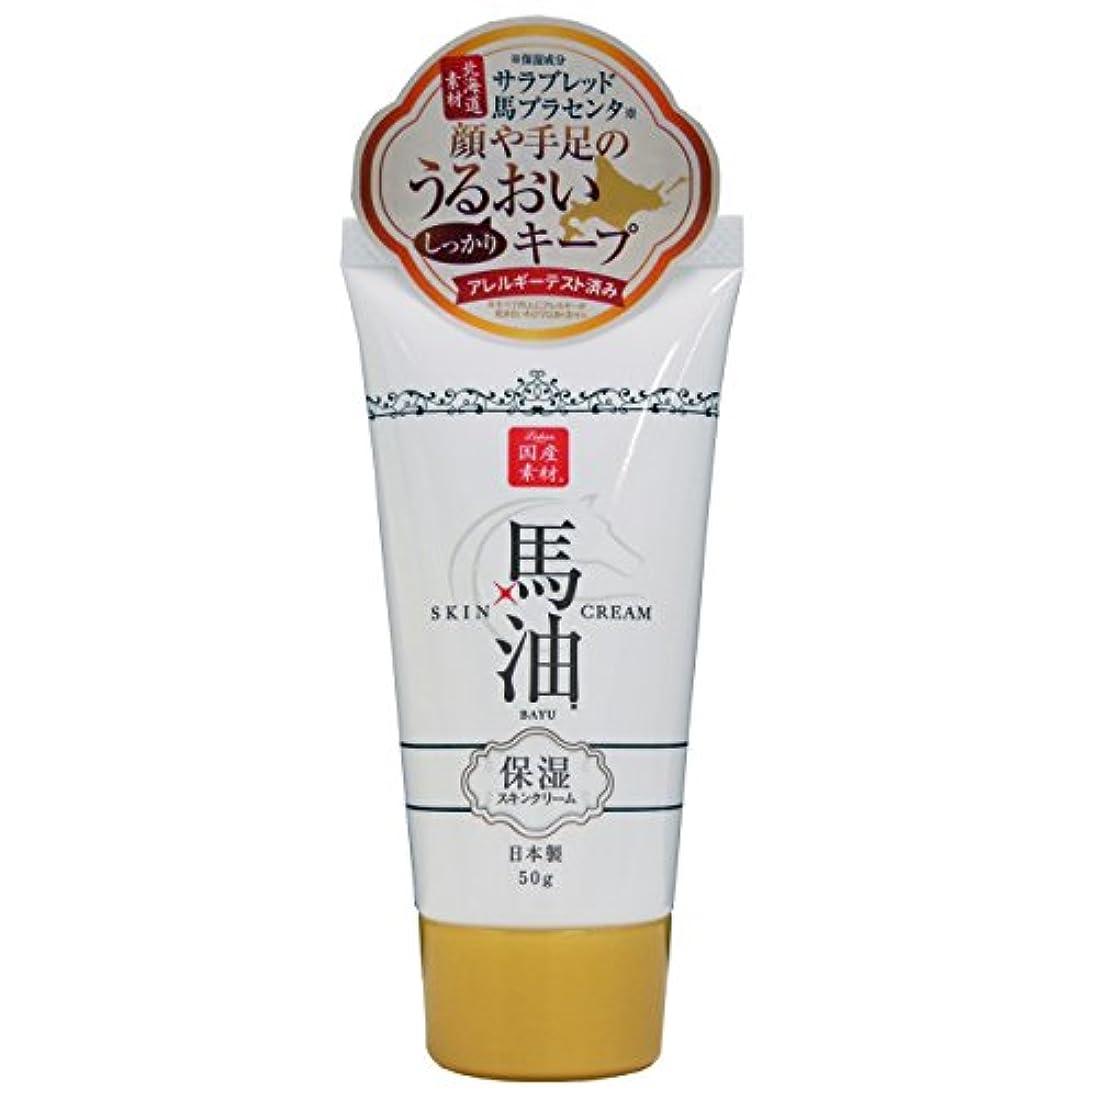 ソフィー体系的にプーノリシャン 馬油スキンクリーム ミニ (さくらの香り) 50g